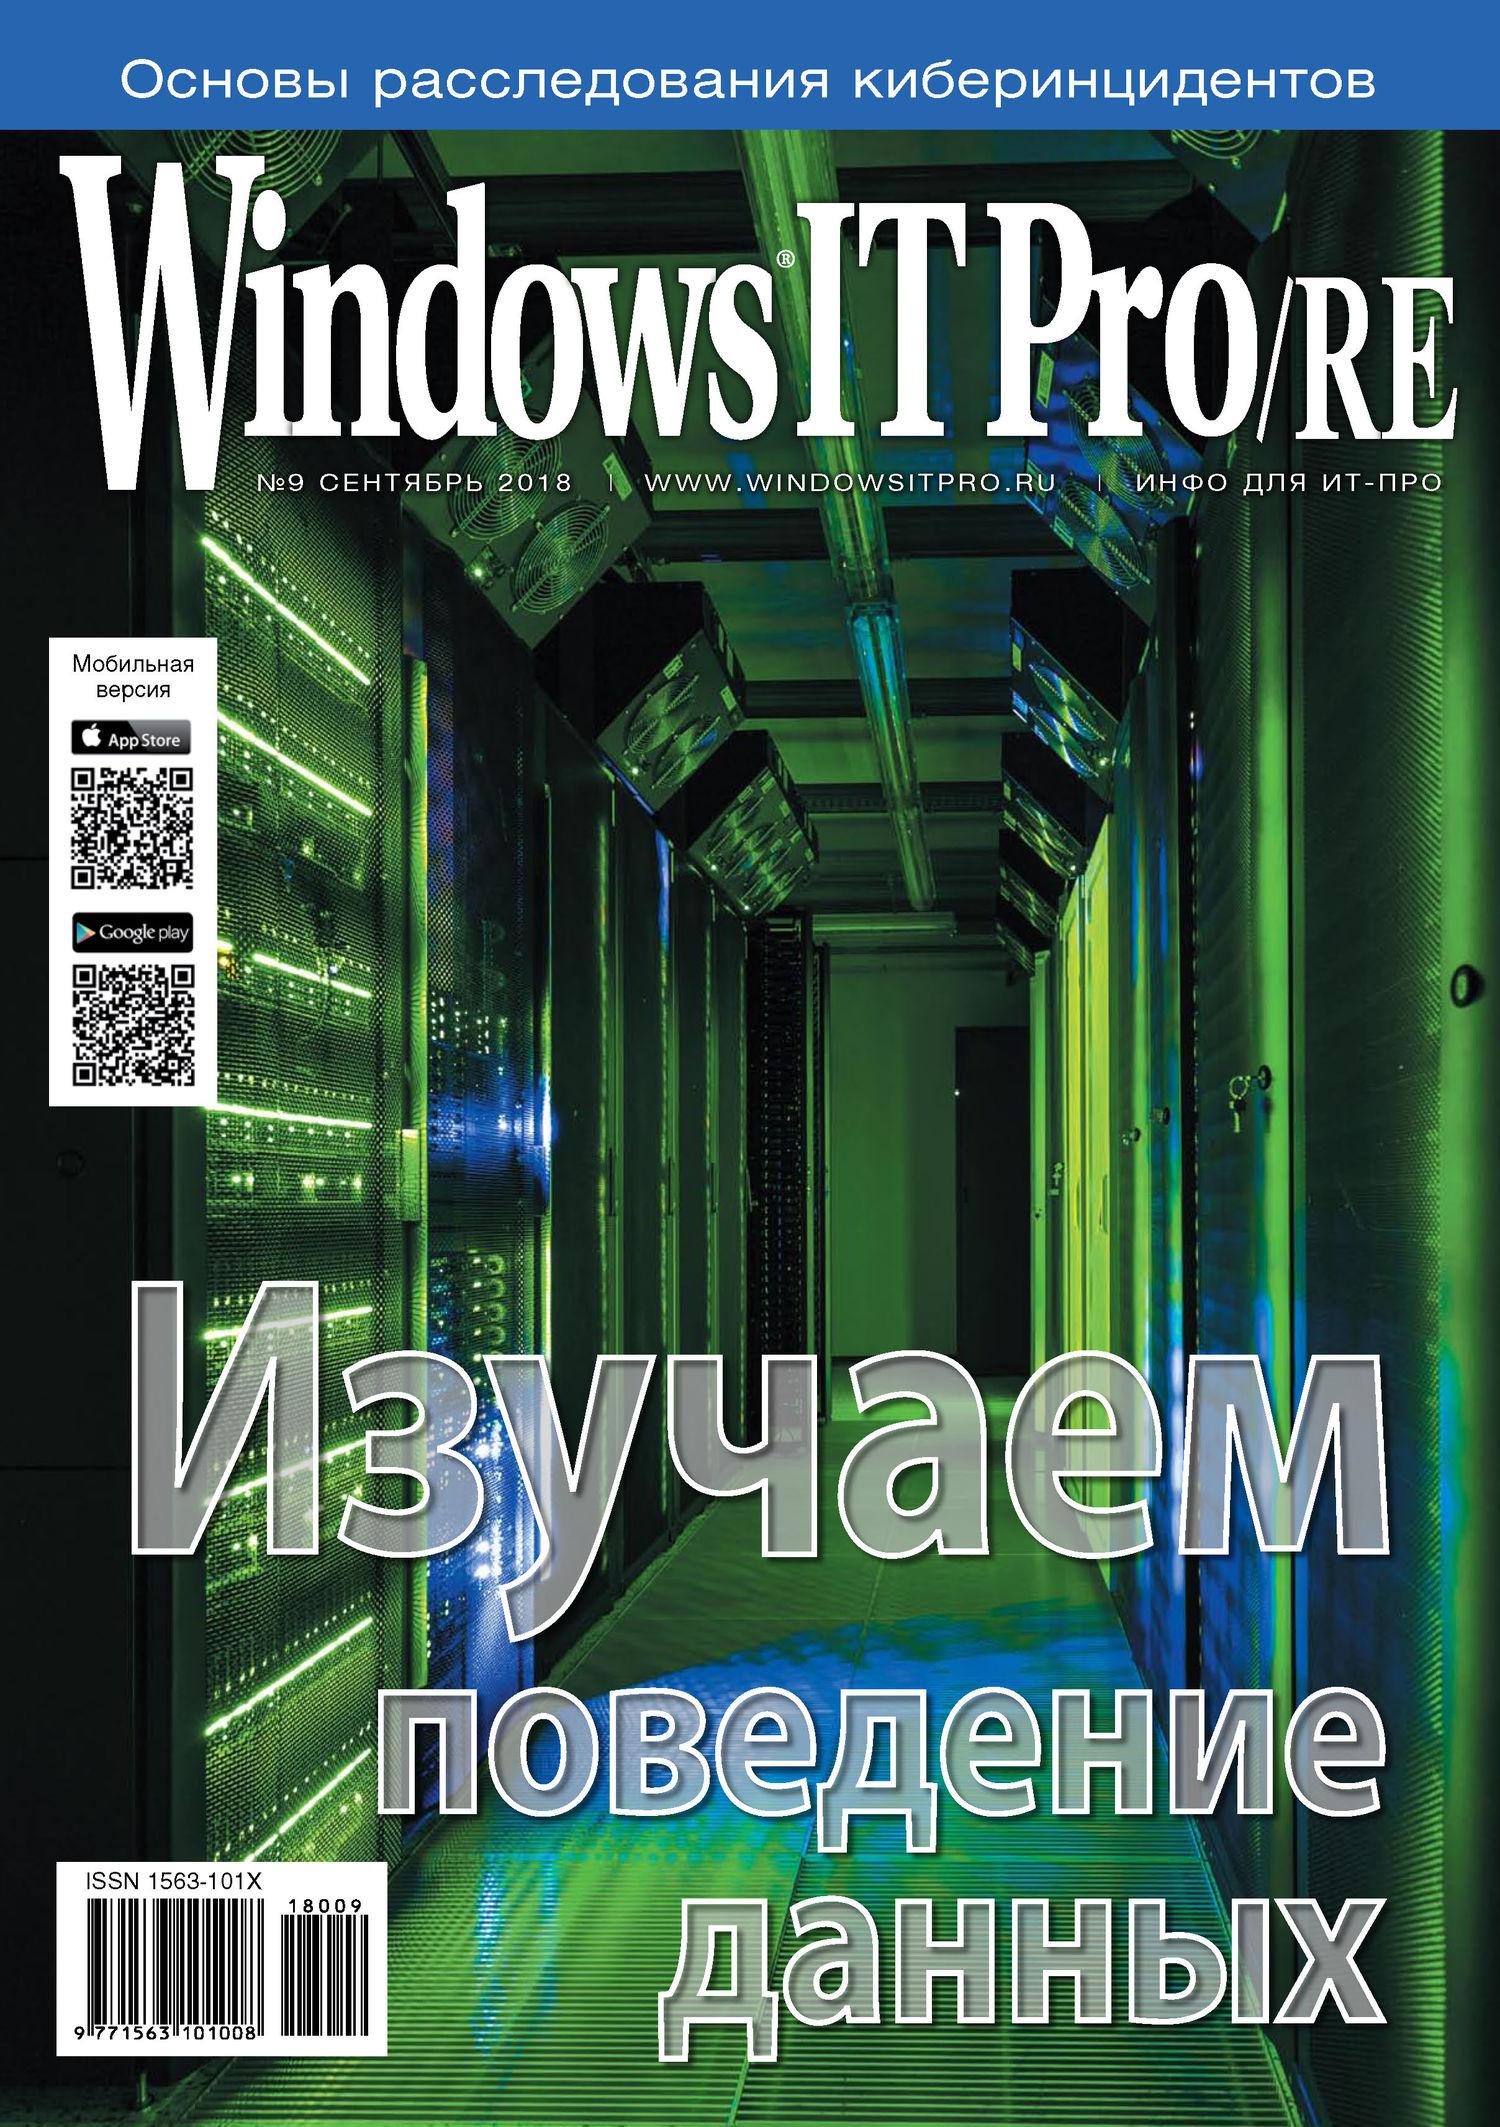 Windows IT Pro/RE №09/2018